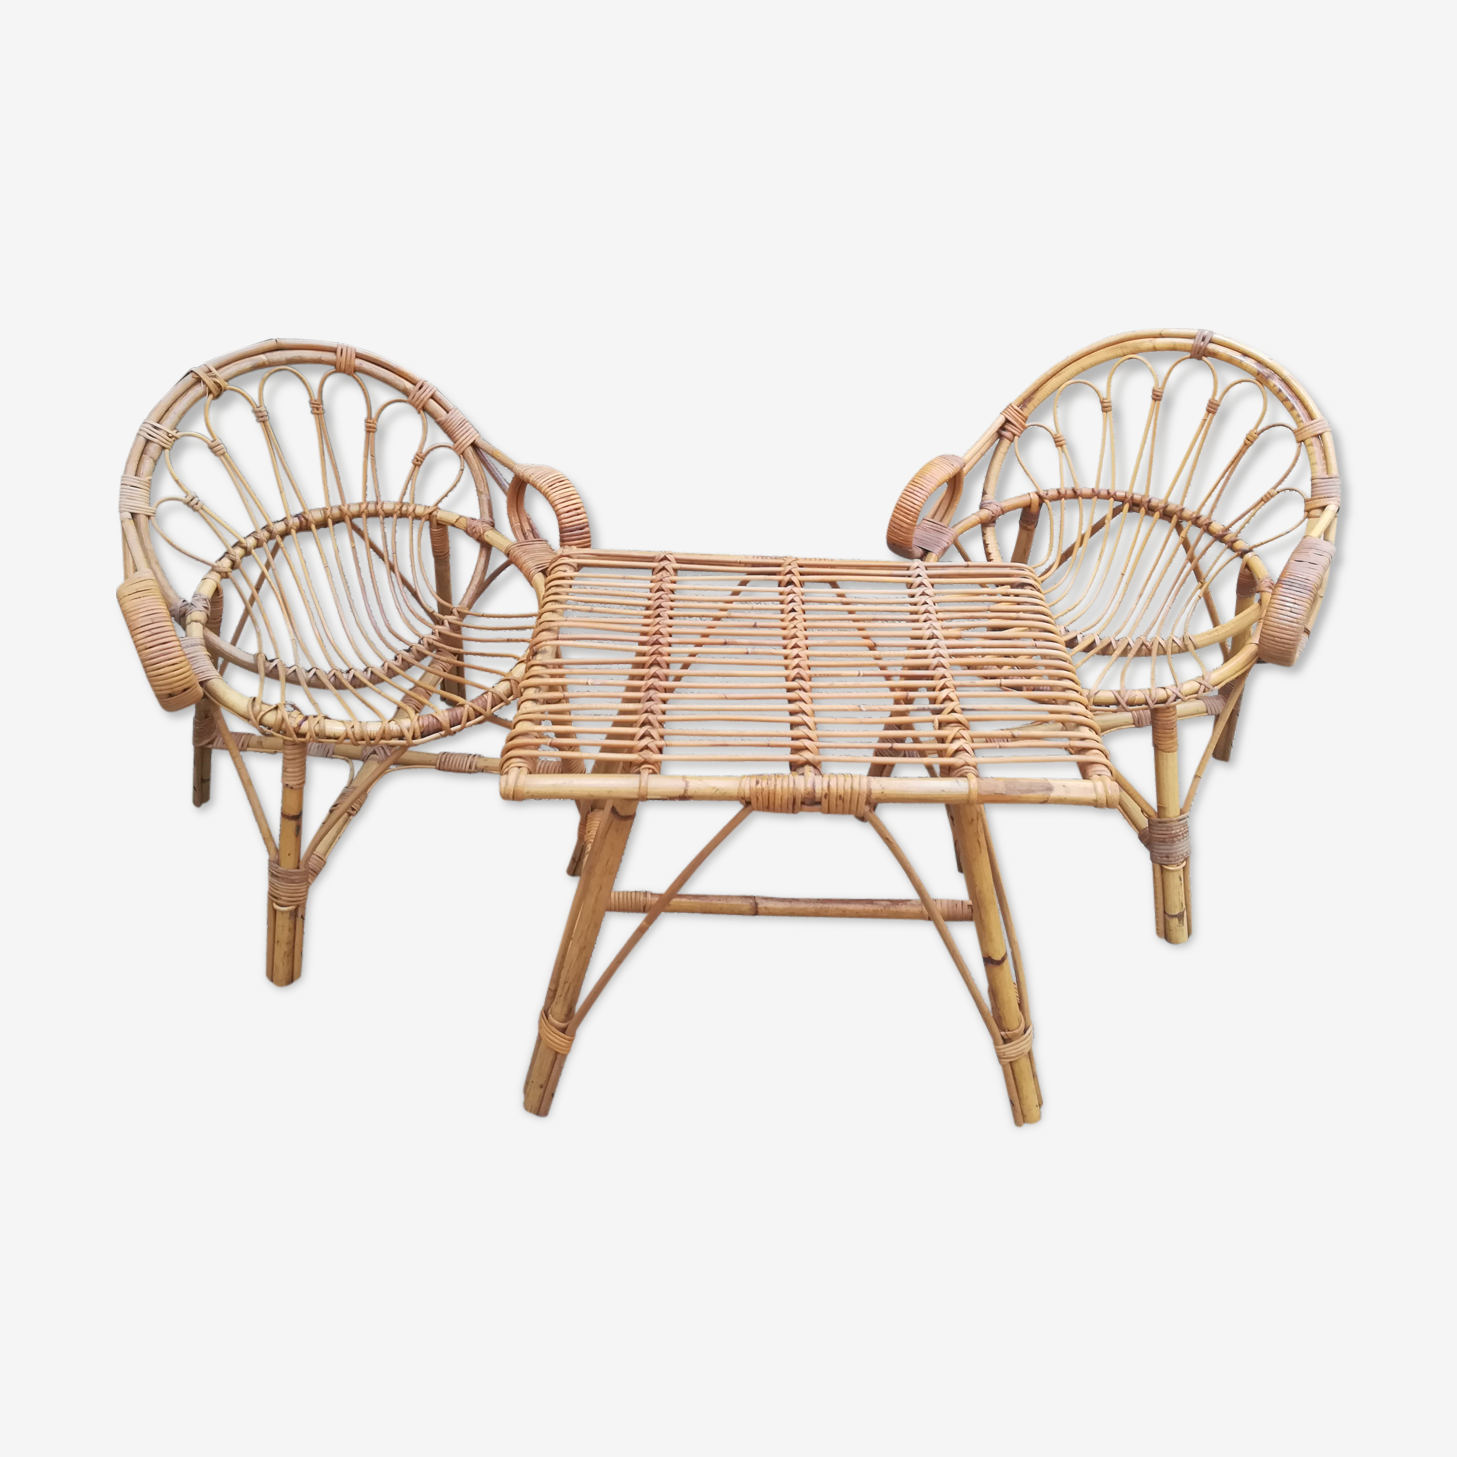 Ensemble de terrasse en bambou et rotin, trois pièces